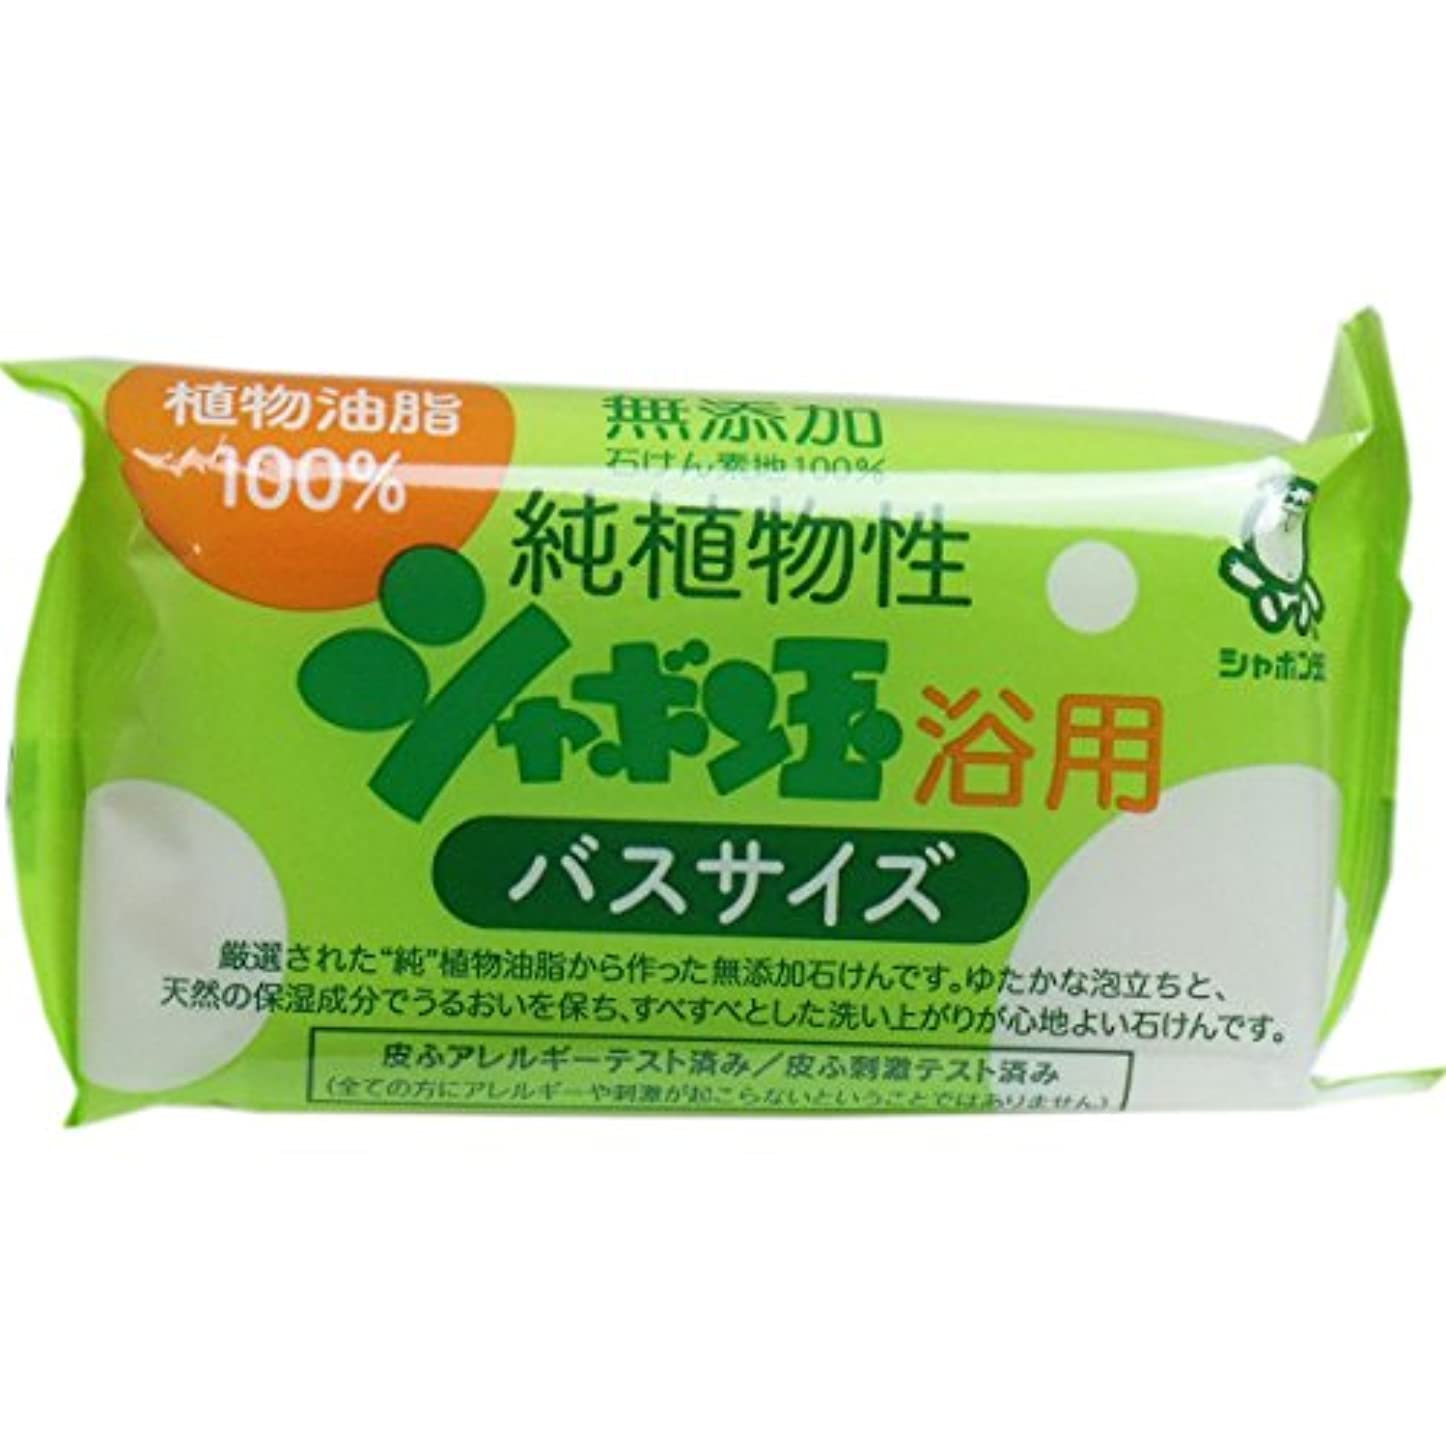 無添加 シャボン玉 純植物性浴用石けん バスサイズ 155g(無添加石鹸)